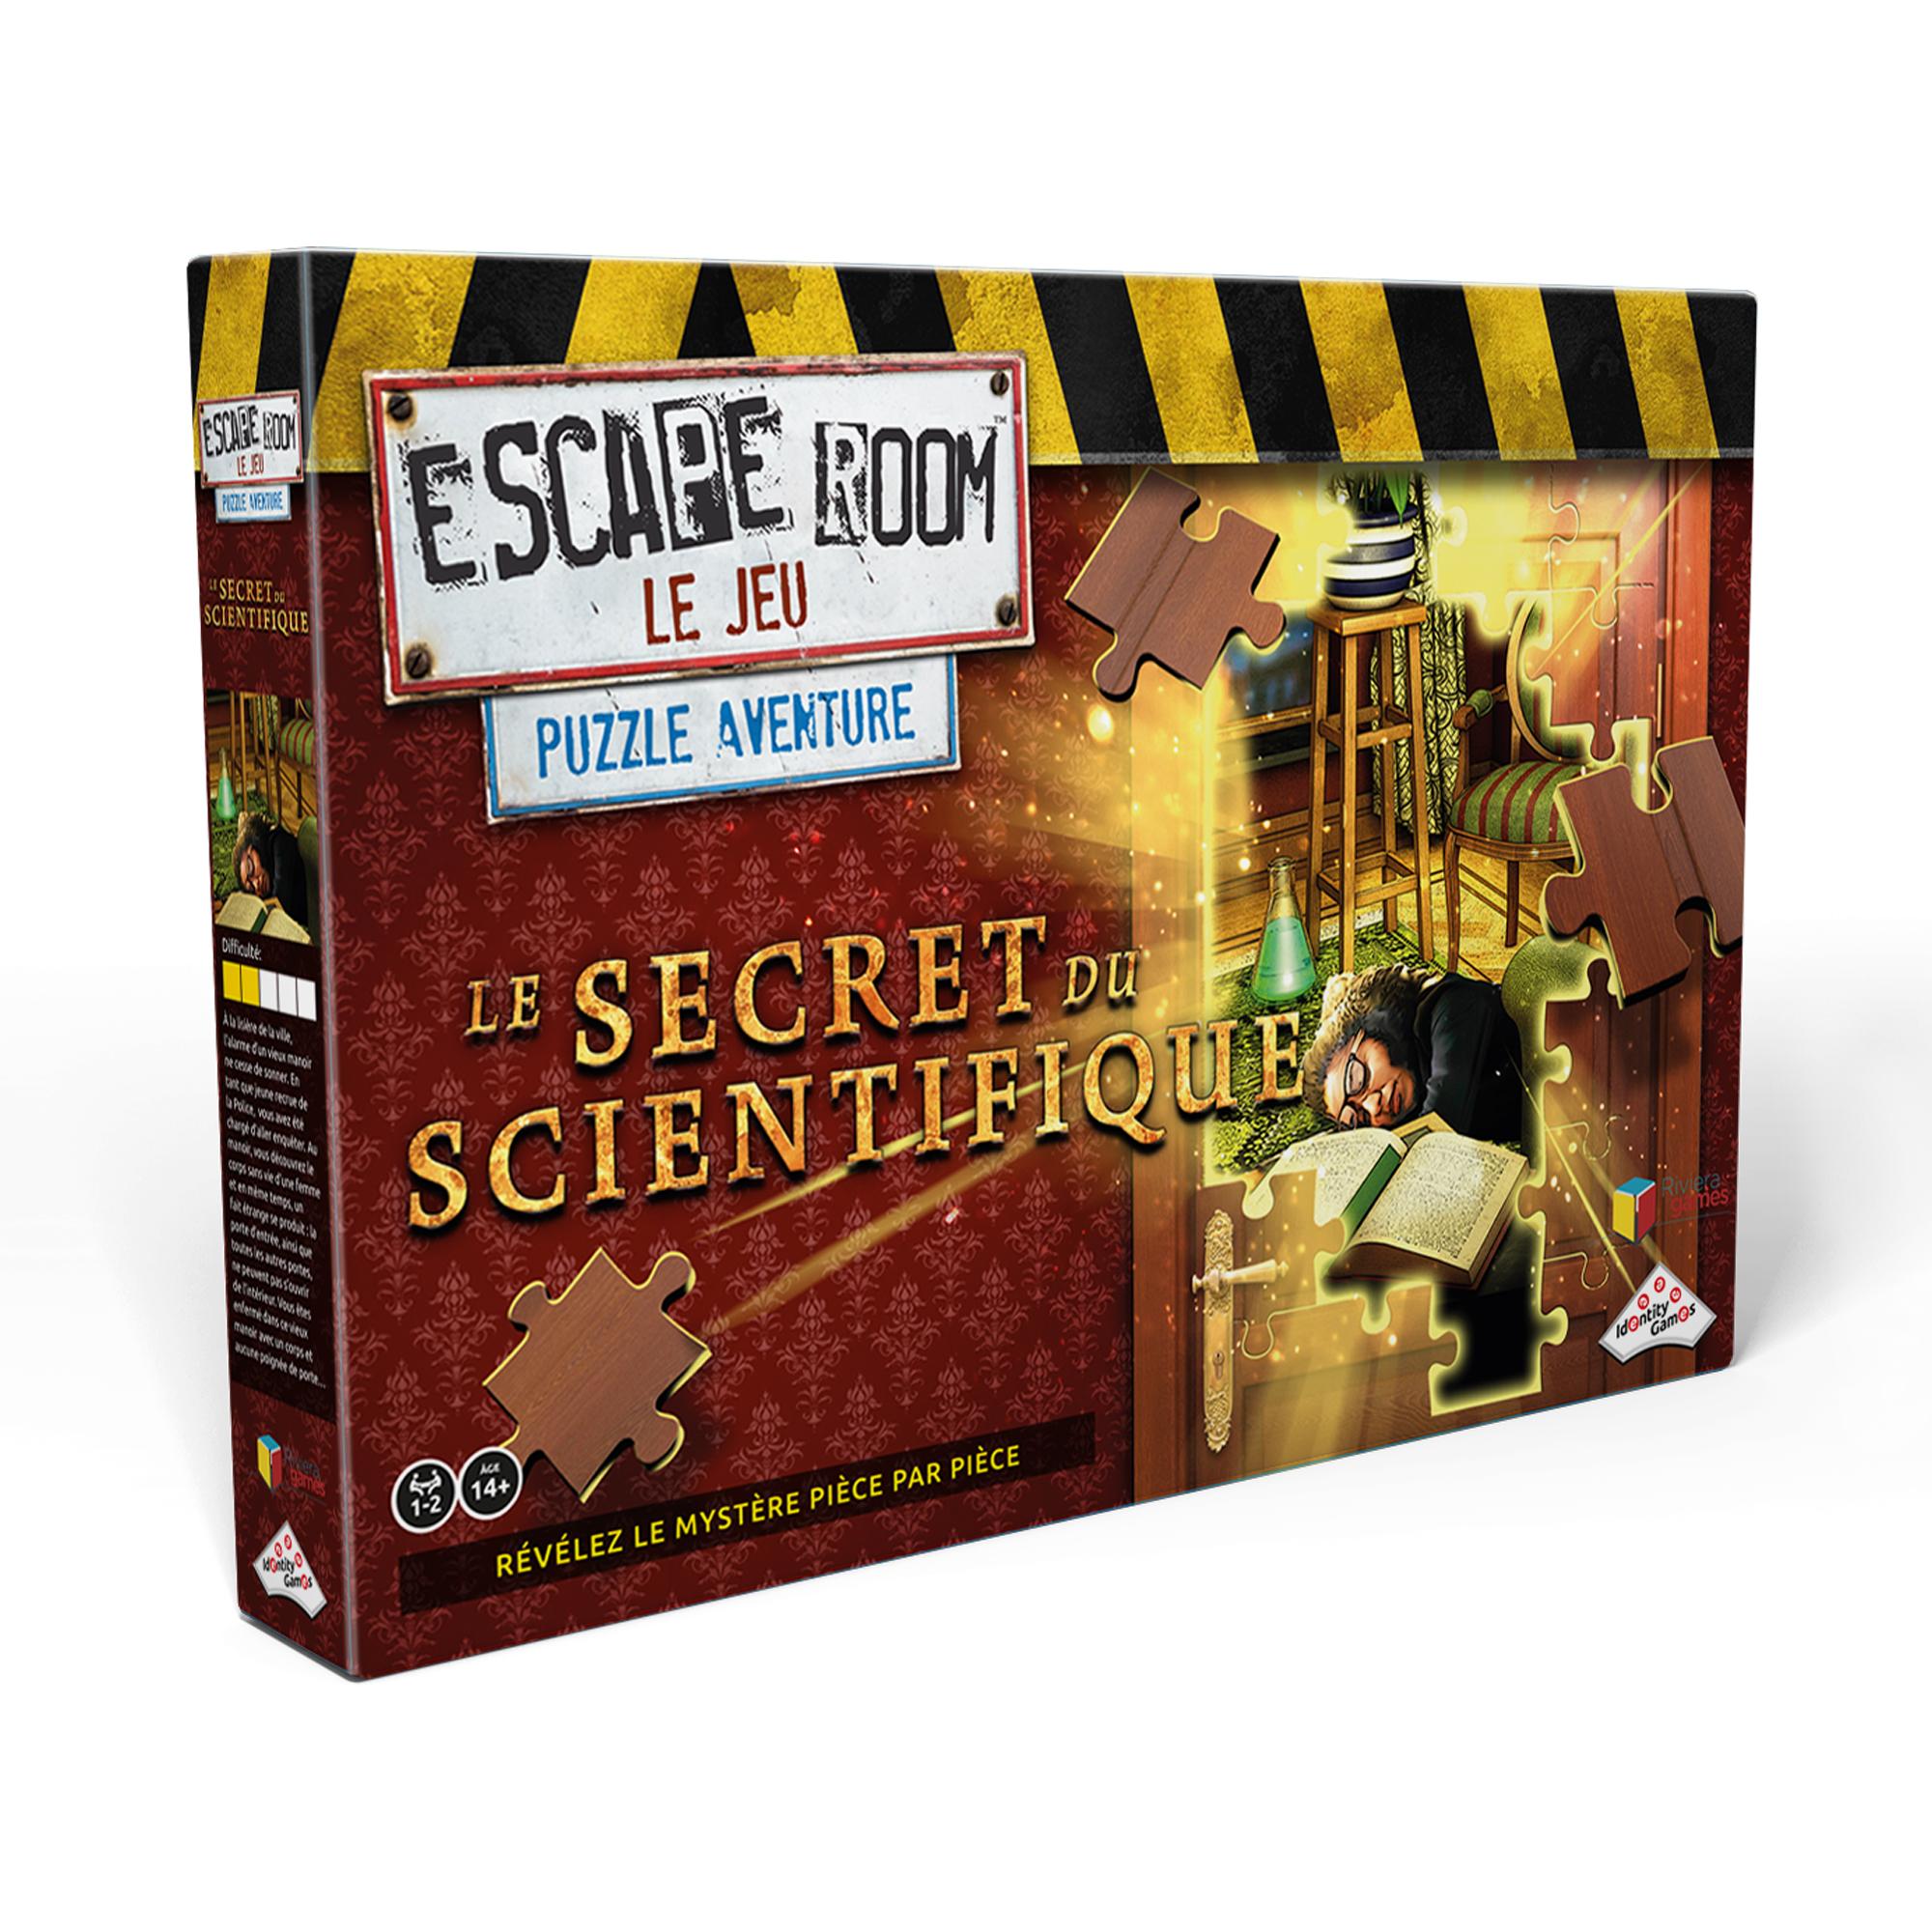 5271 Puzzle SecretScientifique Boite2